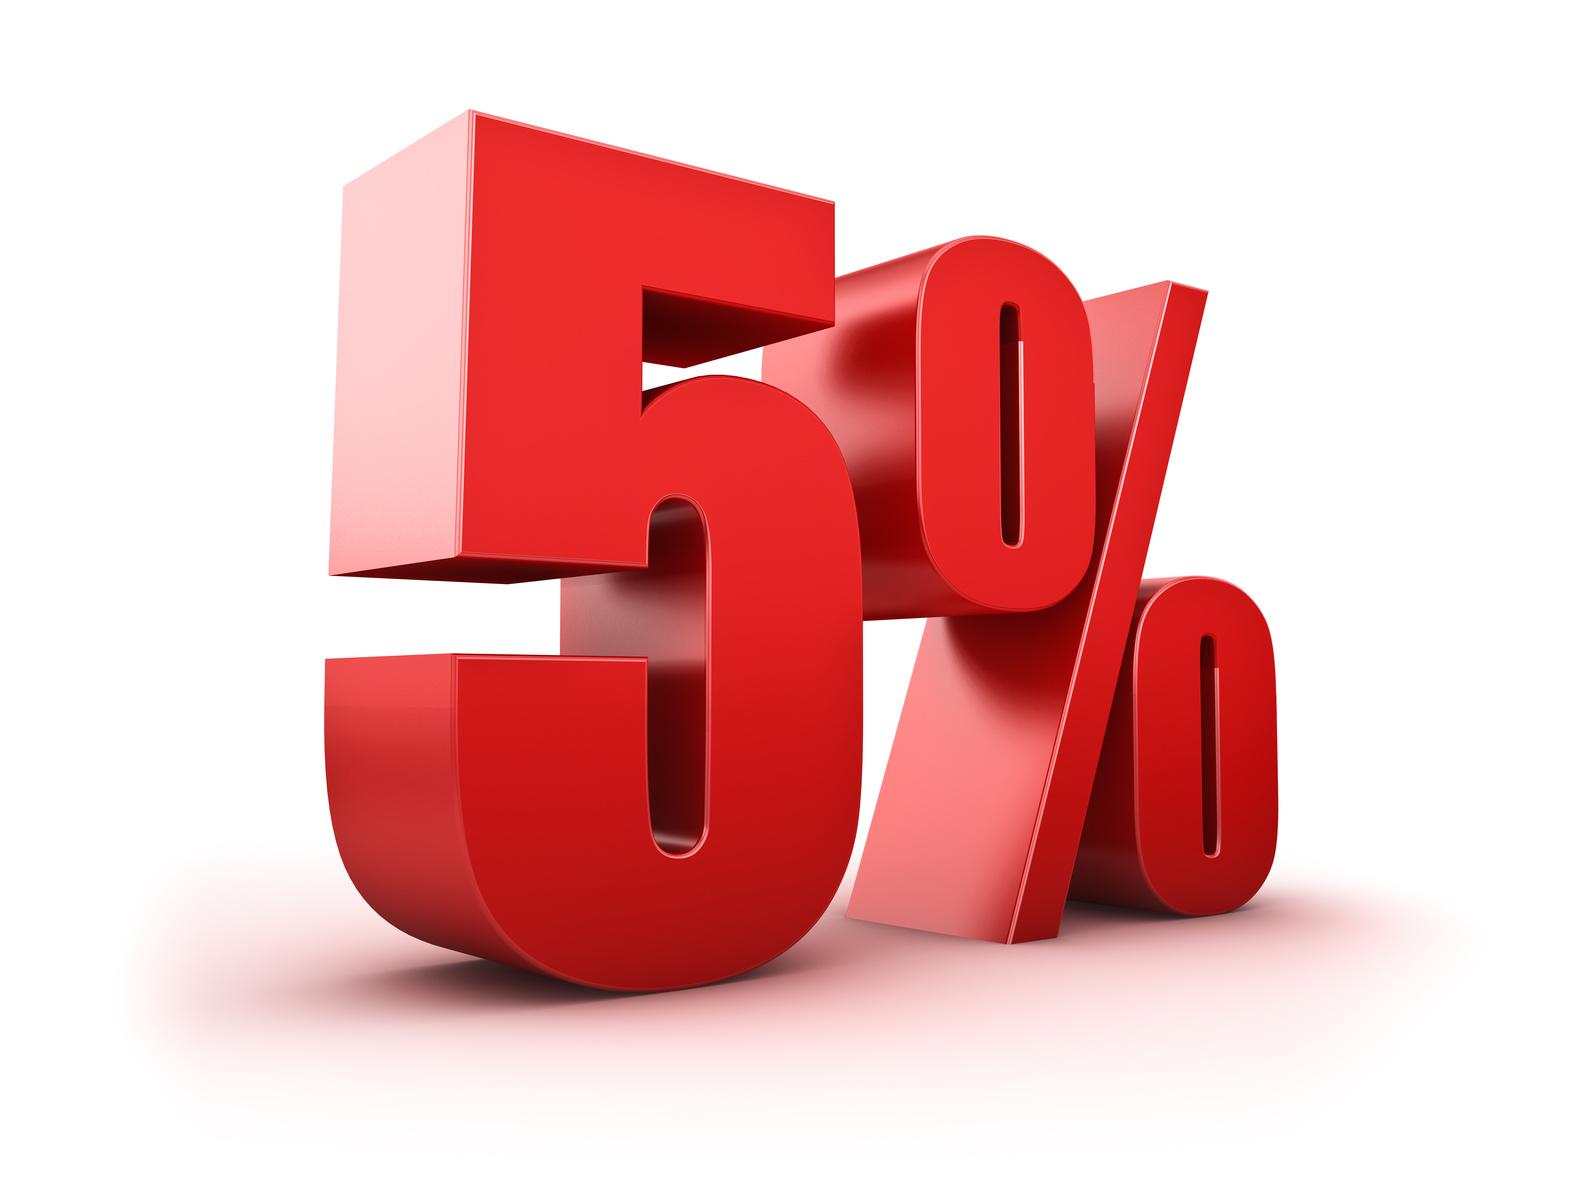 3D Rendering eines fünf Prozent Symbols